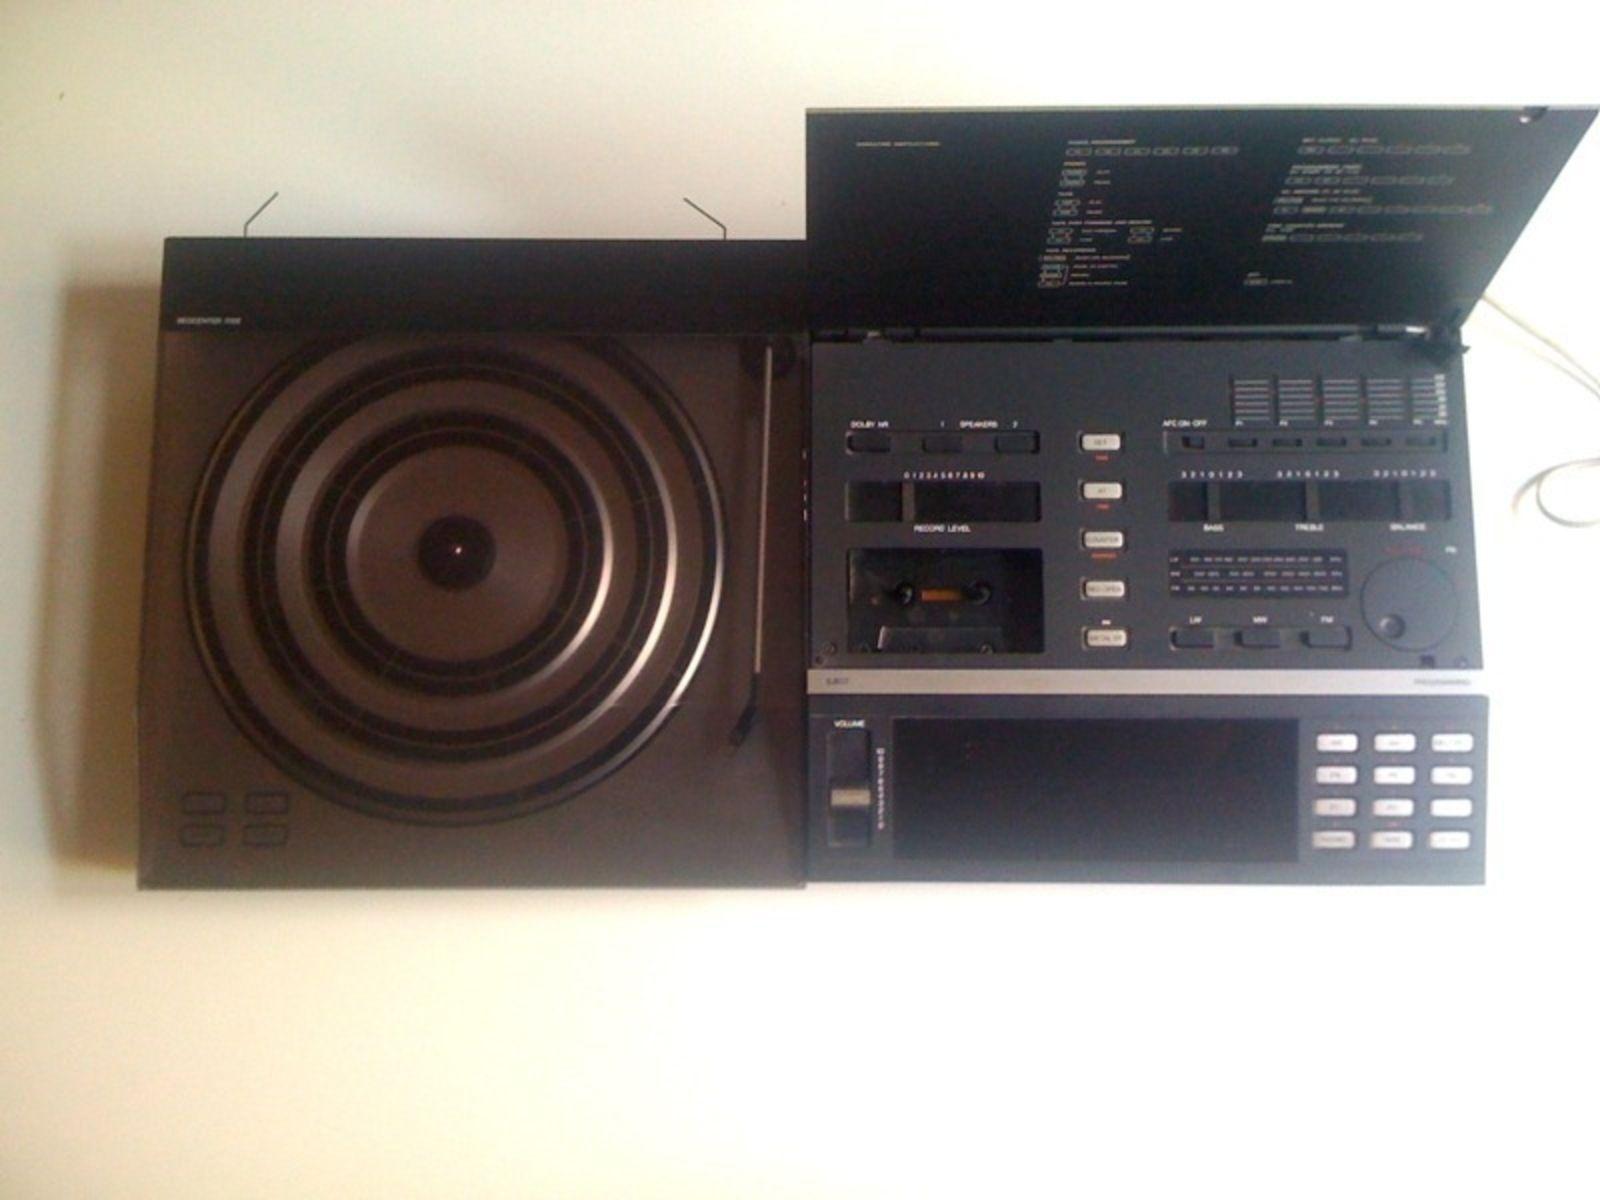 bang olufsen beocenter 7002 image 33286 audiofanzine. Black Bedroom Furniture Sets. Home Design Ideas